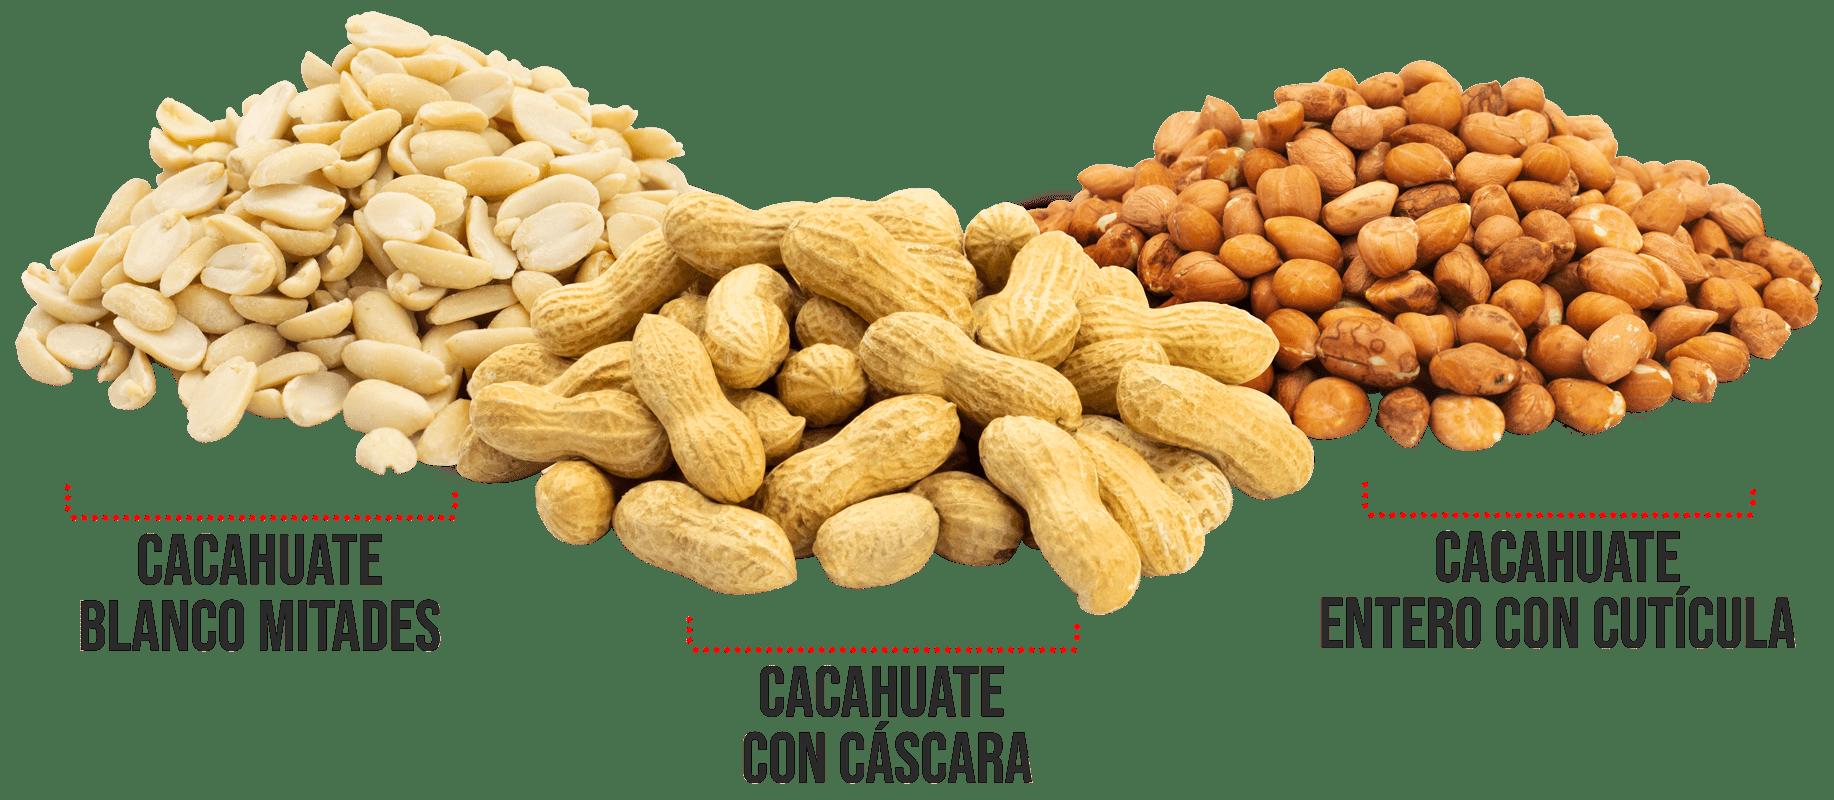 cacahuates_variedad-min (1)